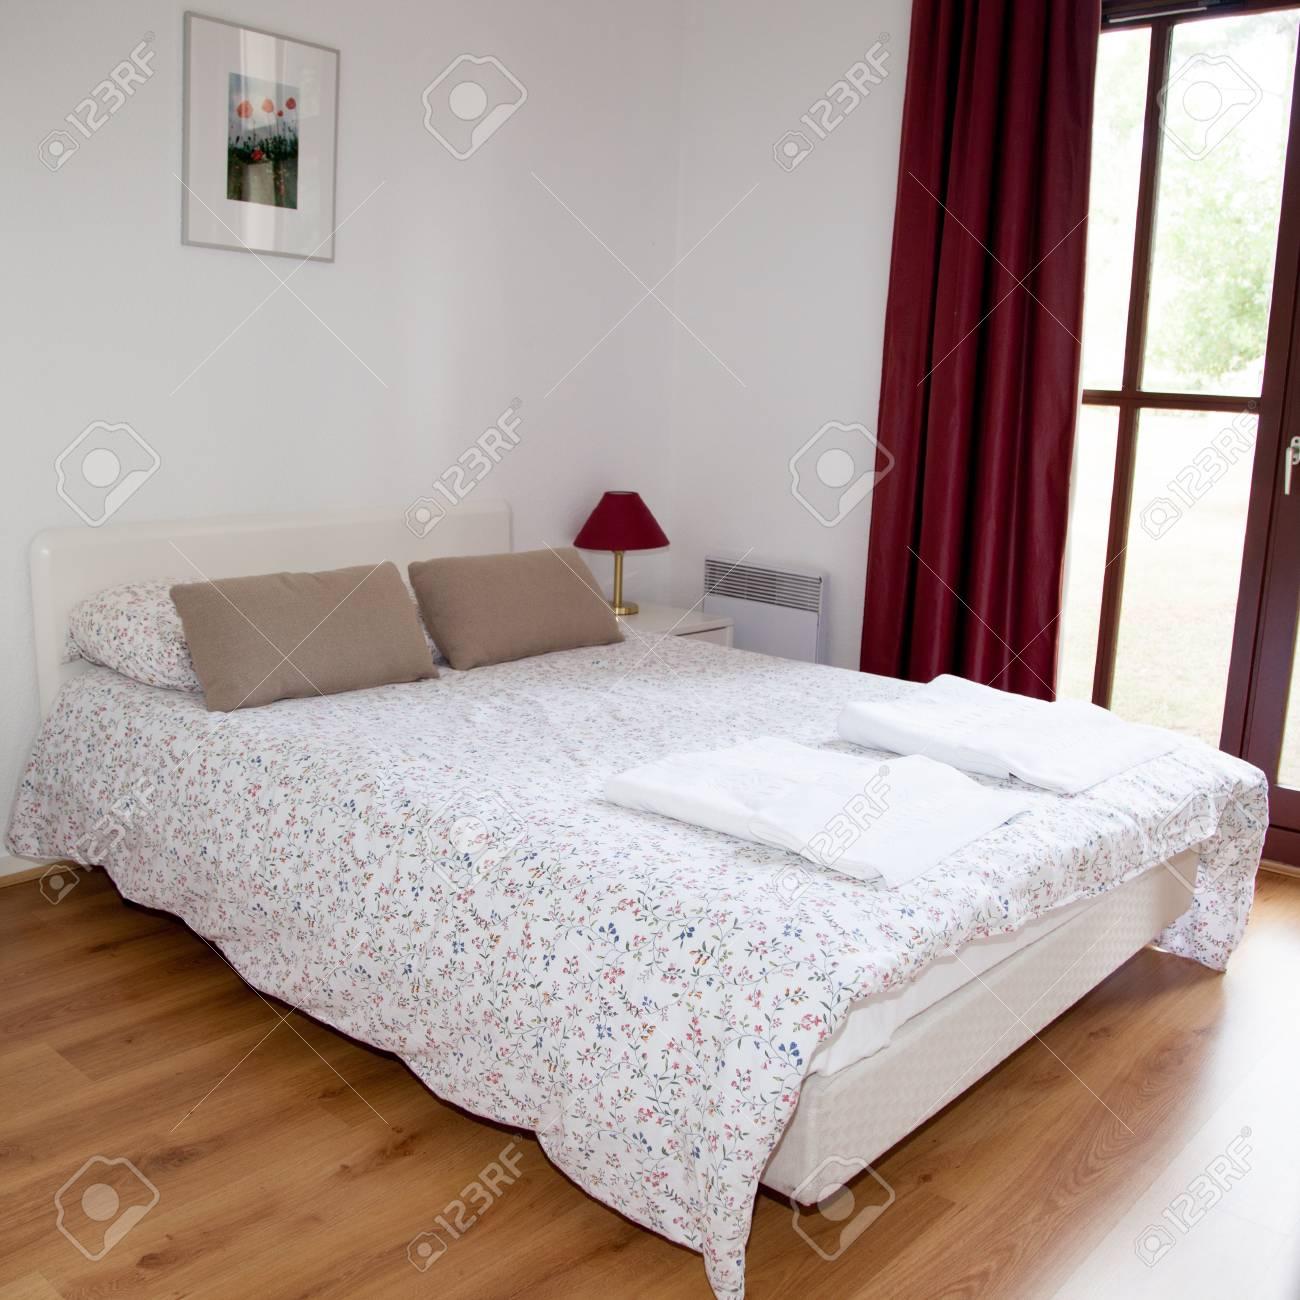 Doppelbett Im Schlafzimmer Mit Schreibtisch Lampe In Der Nähe Davon  Standard Bild   50251488